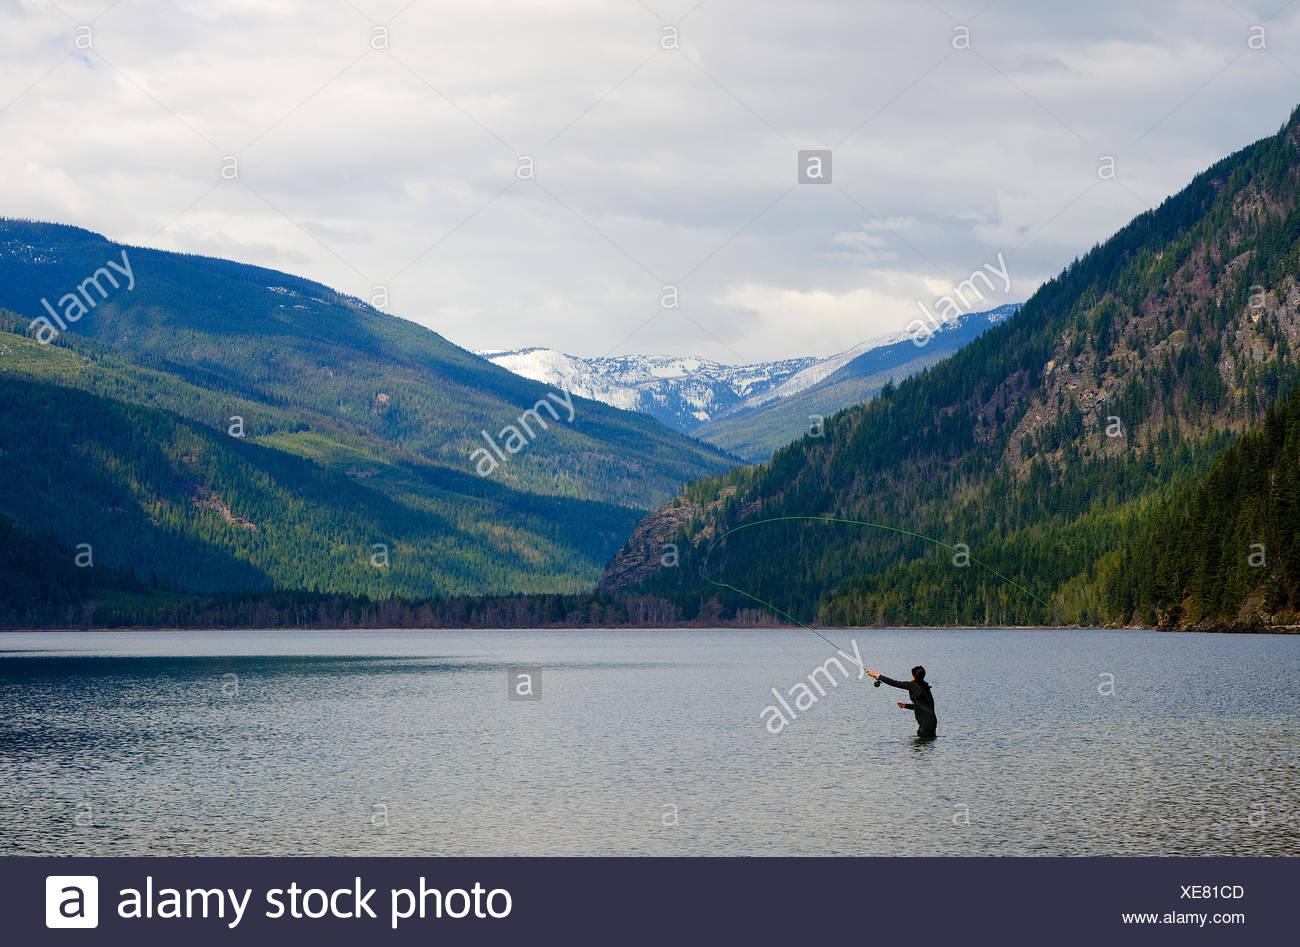 Joven de la pesca con mosca en el lago cerca de lumby Mabel en la región de Okanagan de la Columbia Británica, Canadá Imagen De Stock